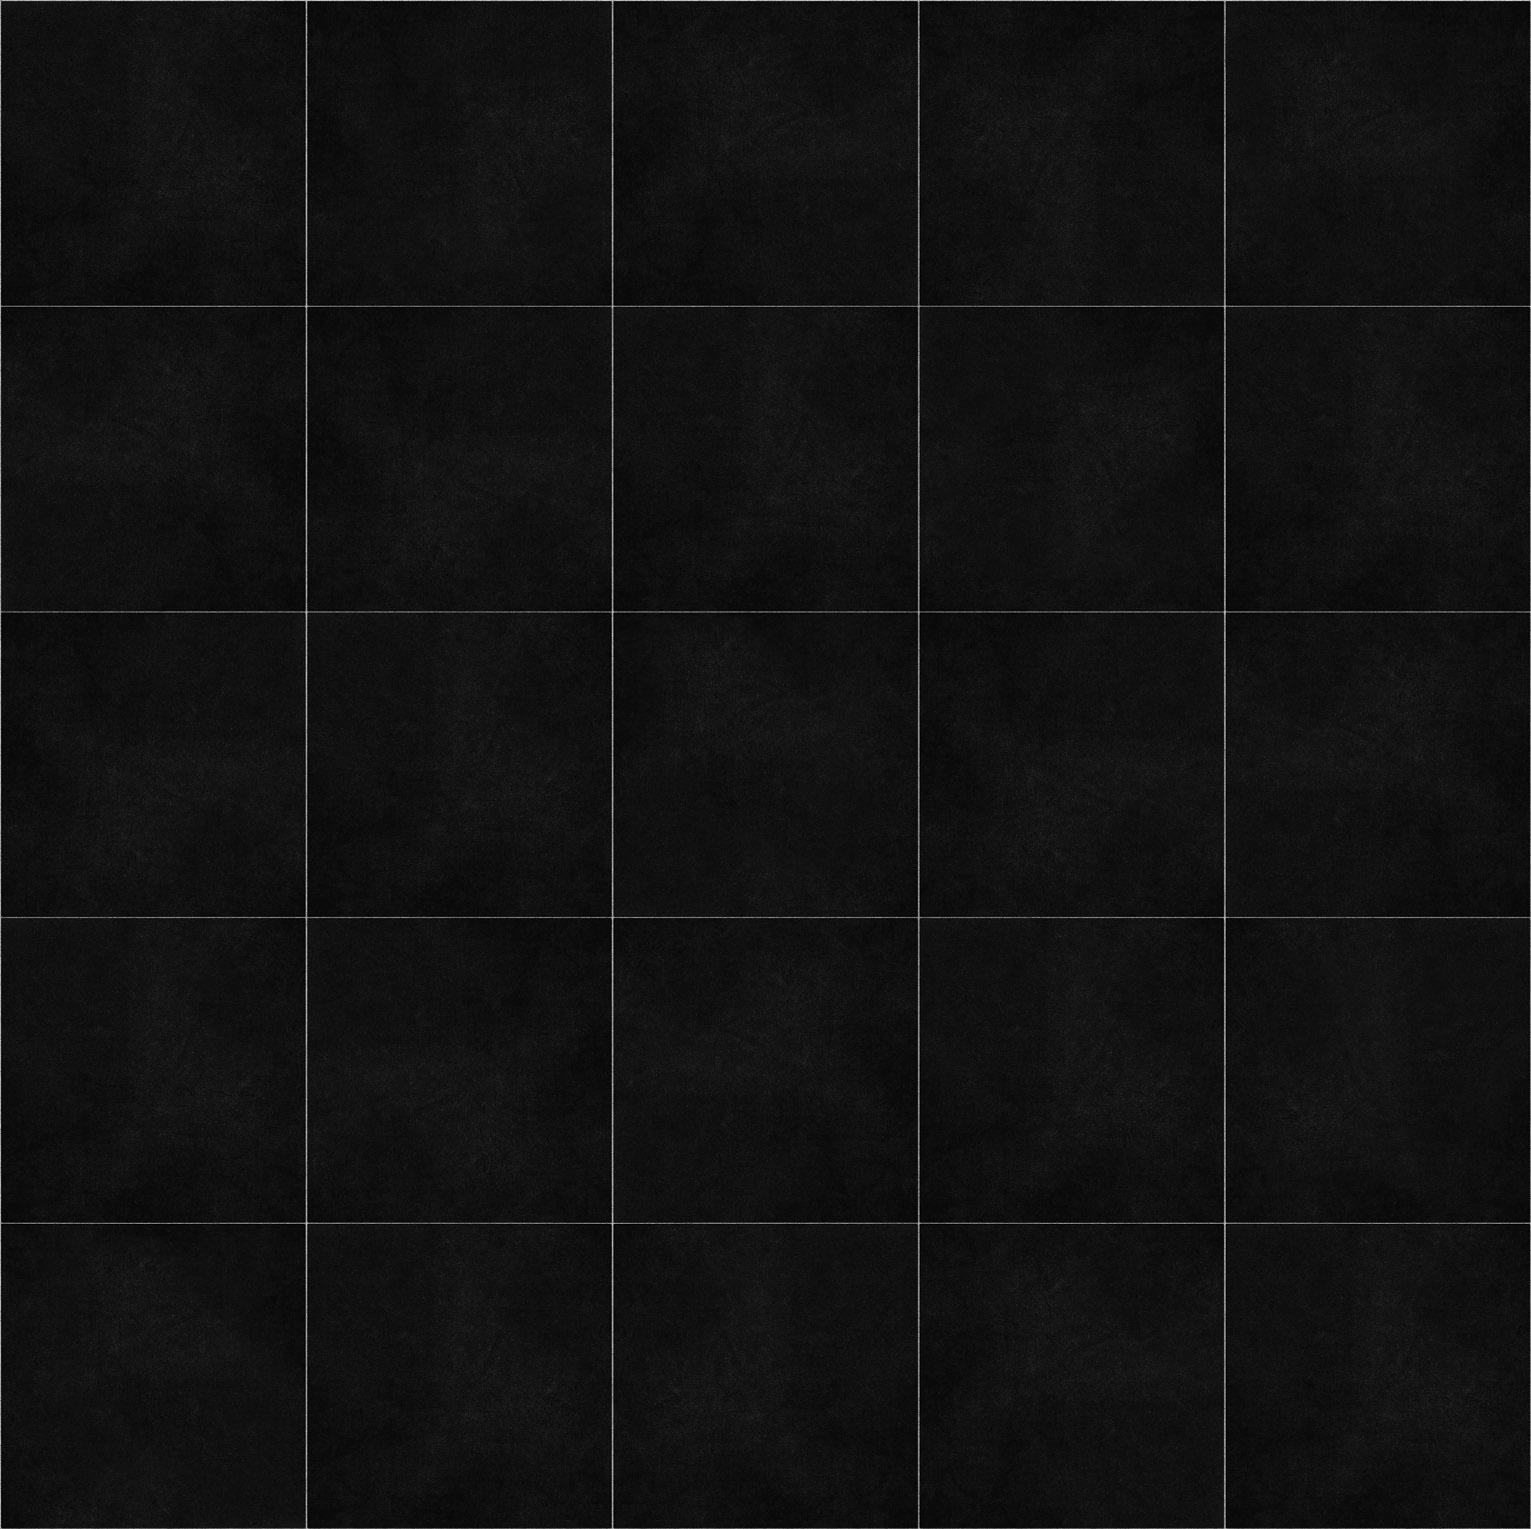 Black Tile Texture: gorilao.com.br/coneygames/black-tile-texture